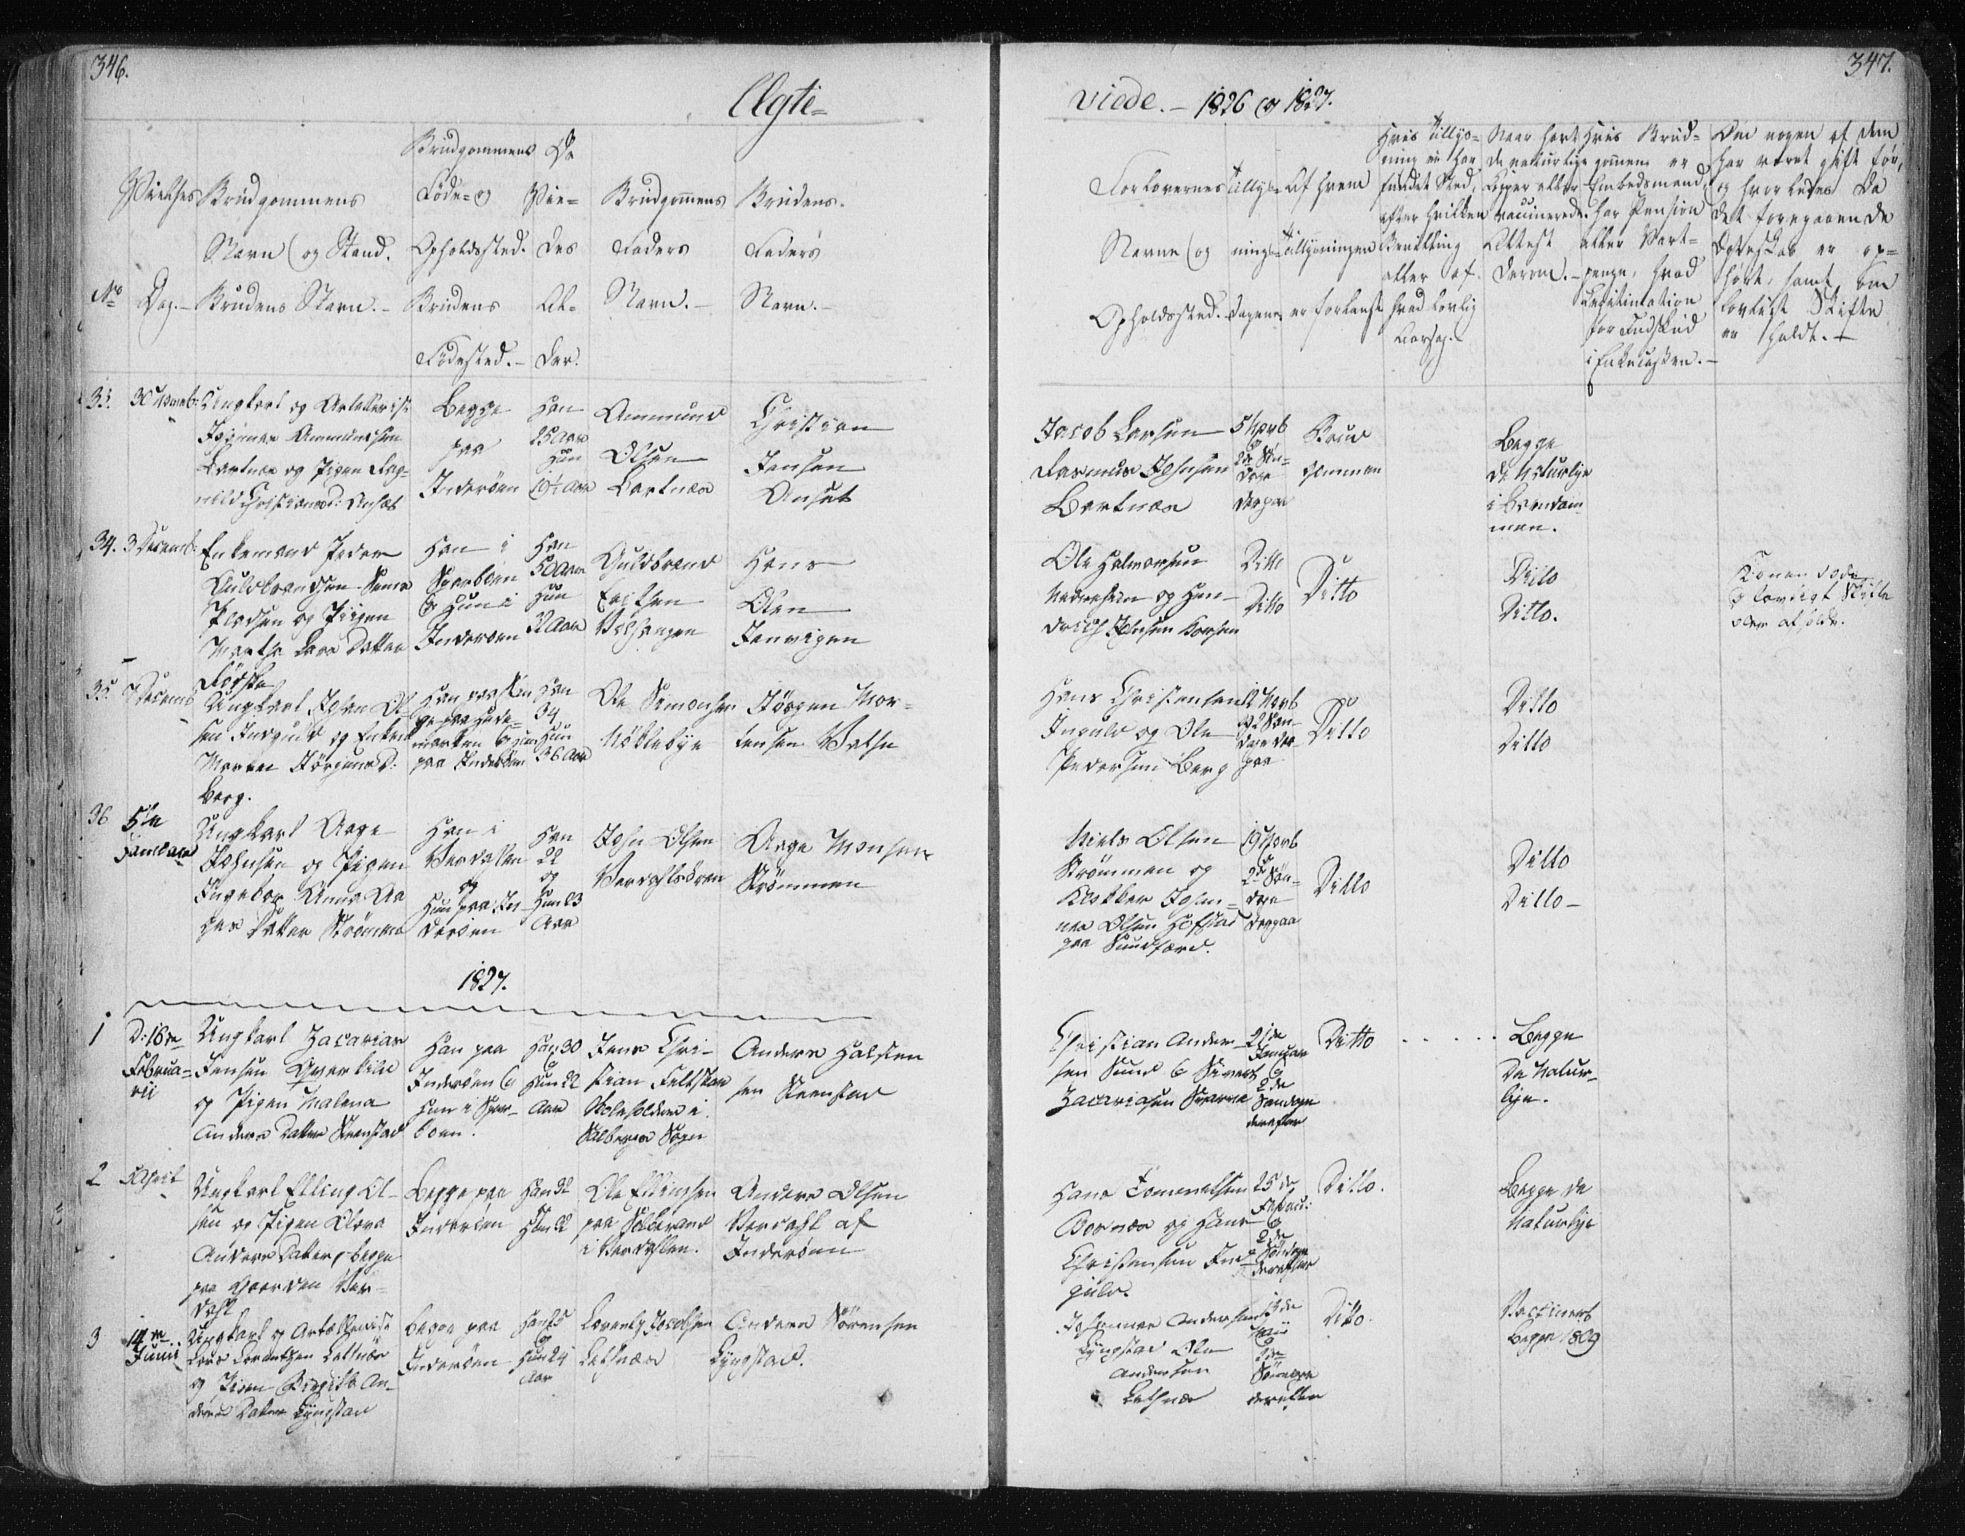 SAT, Ministerialprotokoller, klokkerbøker og fødselsregistre - Nord-Trøndelag, 730/L0276: Ministerialbok nr. 730A05, 1822-1830, s. 346-347